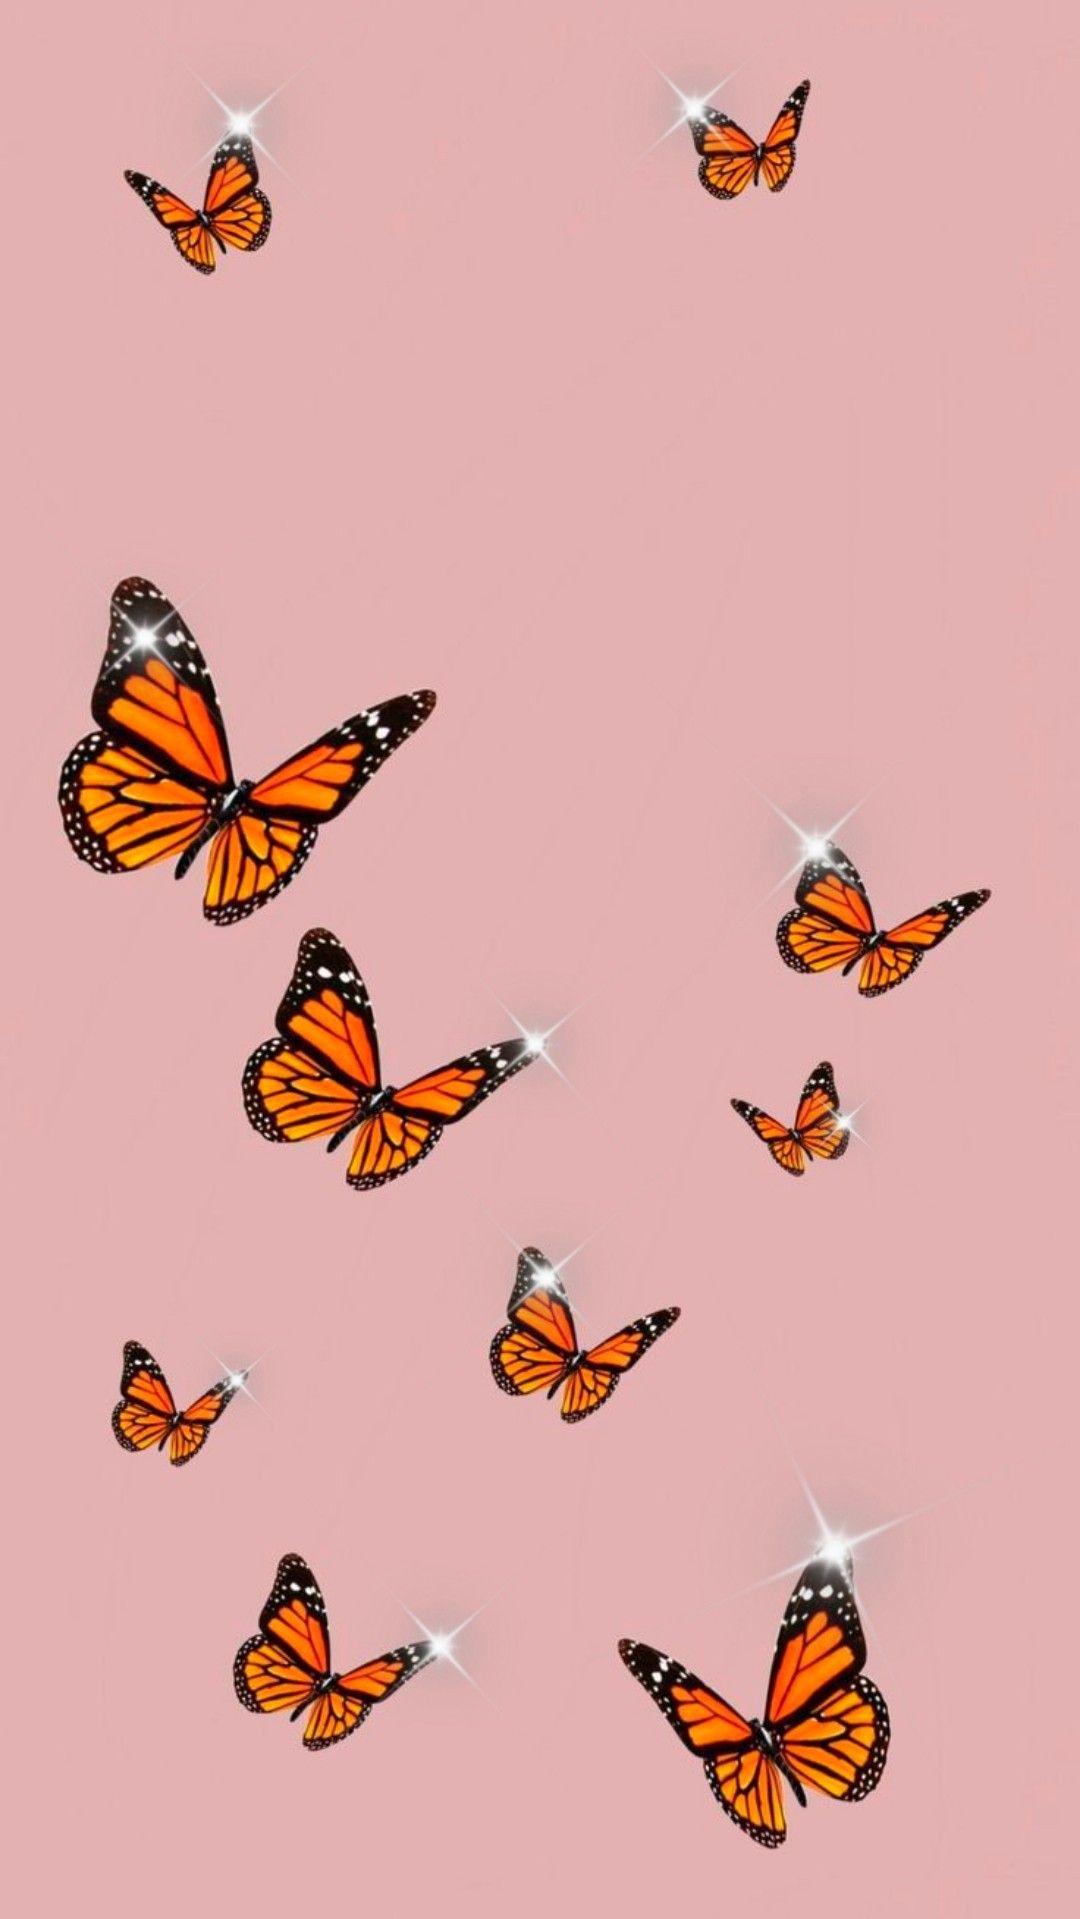 Shiny butterflies🦋 in 2020 | Butterfly wallpaper iphone ...